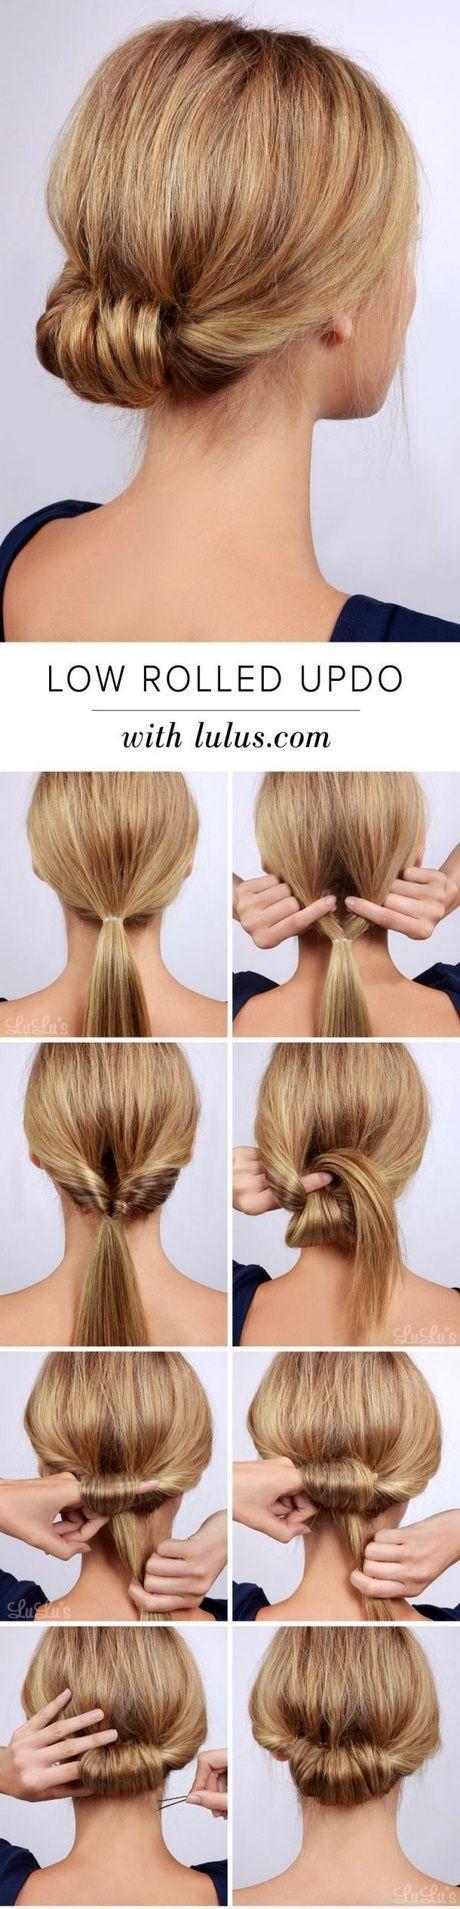 Schnelle und einfache Frisuren für lange, dicke Haare #hairstyles